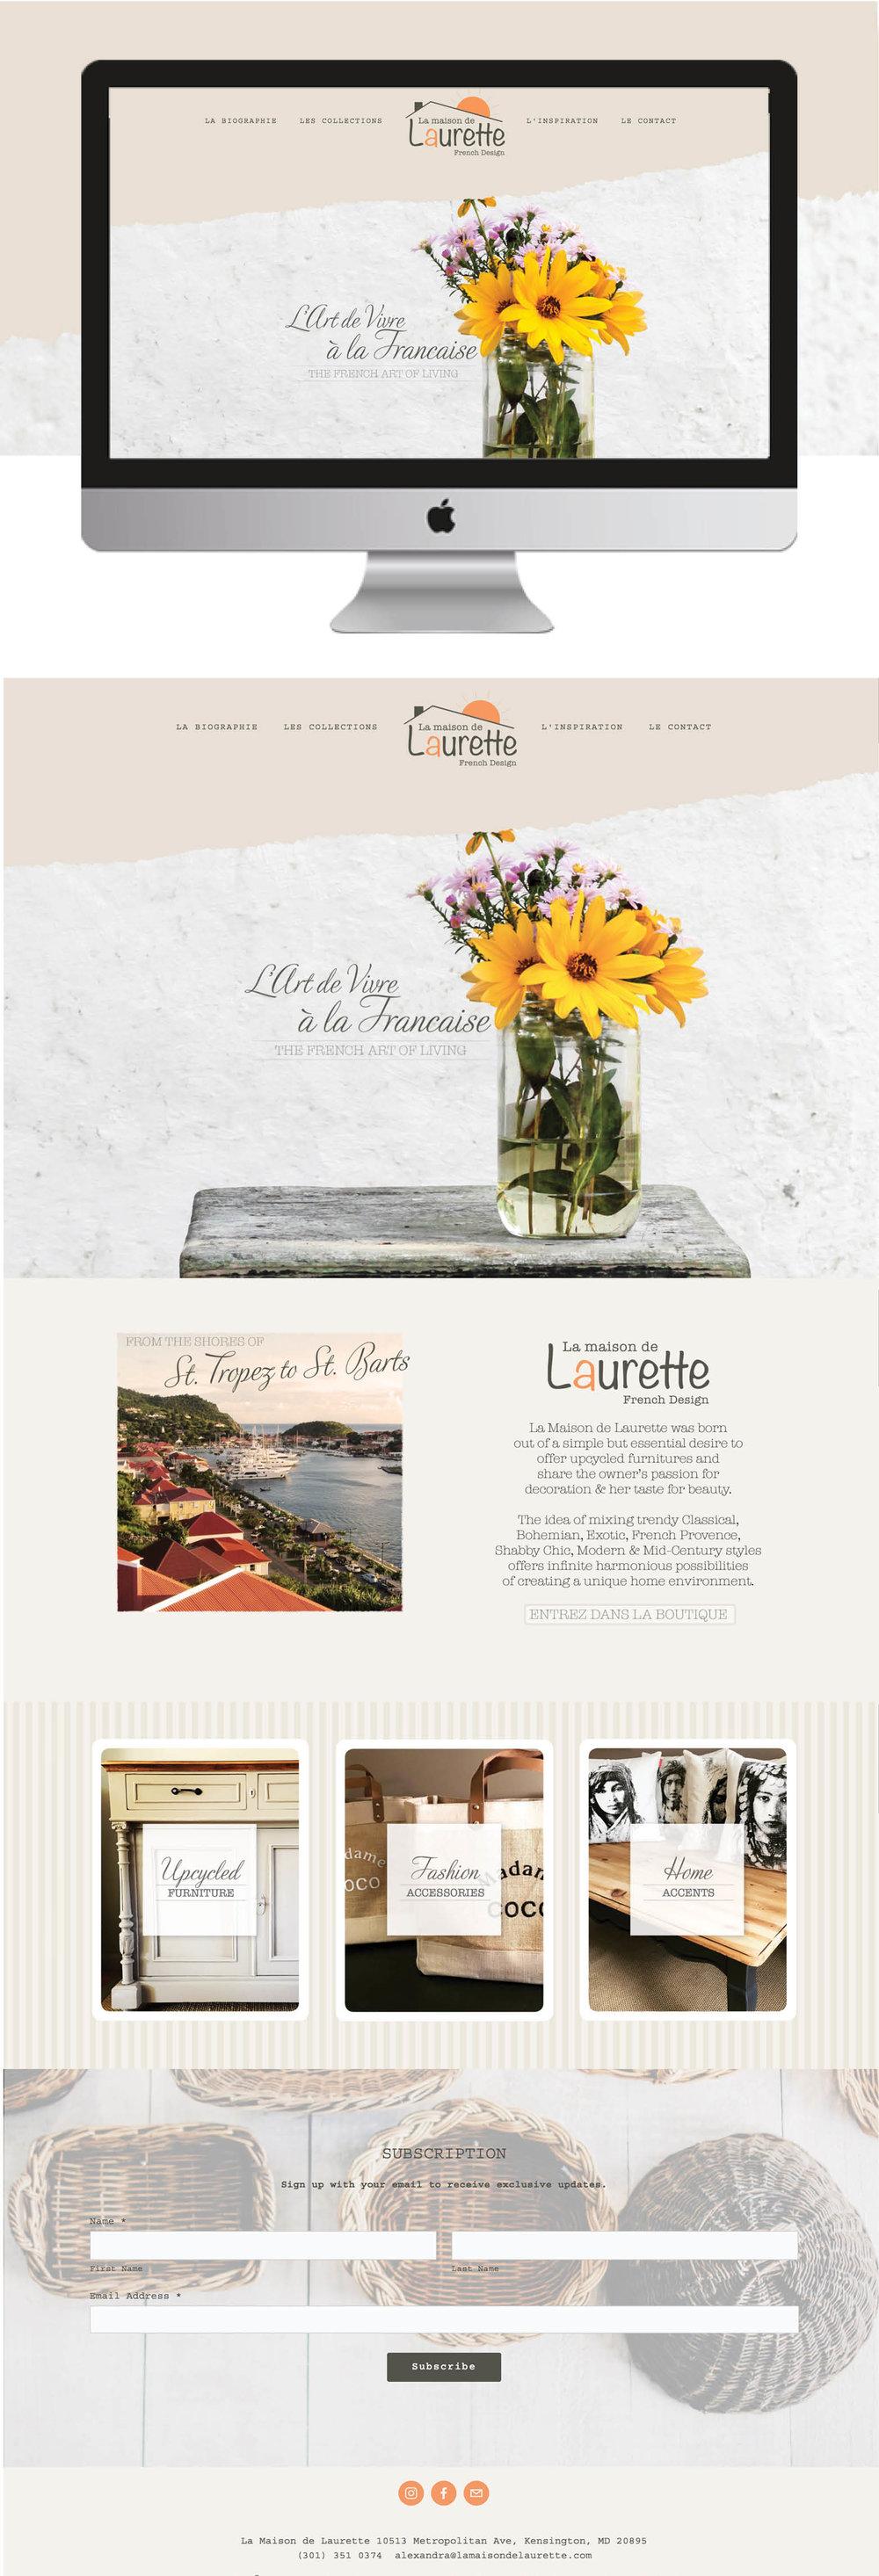 Client Showcase_LaMaisondeLaurette.jpg